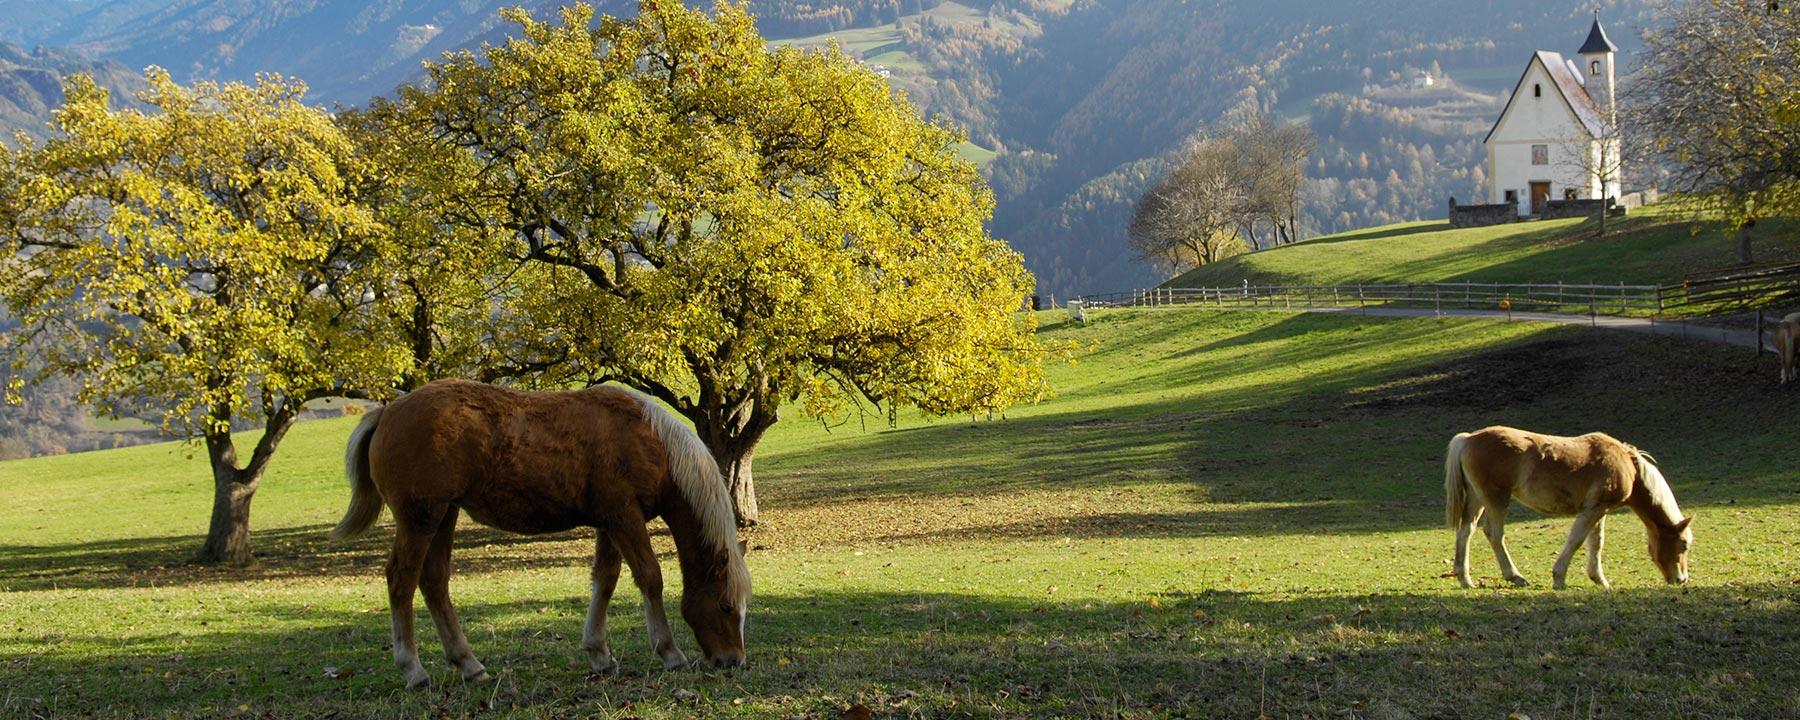 Herbstwandern in Südtirol